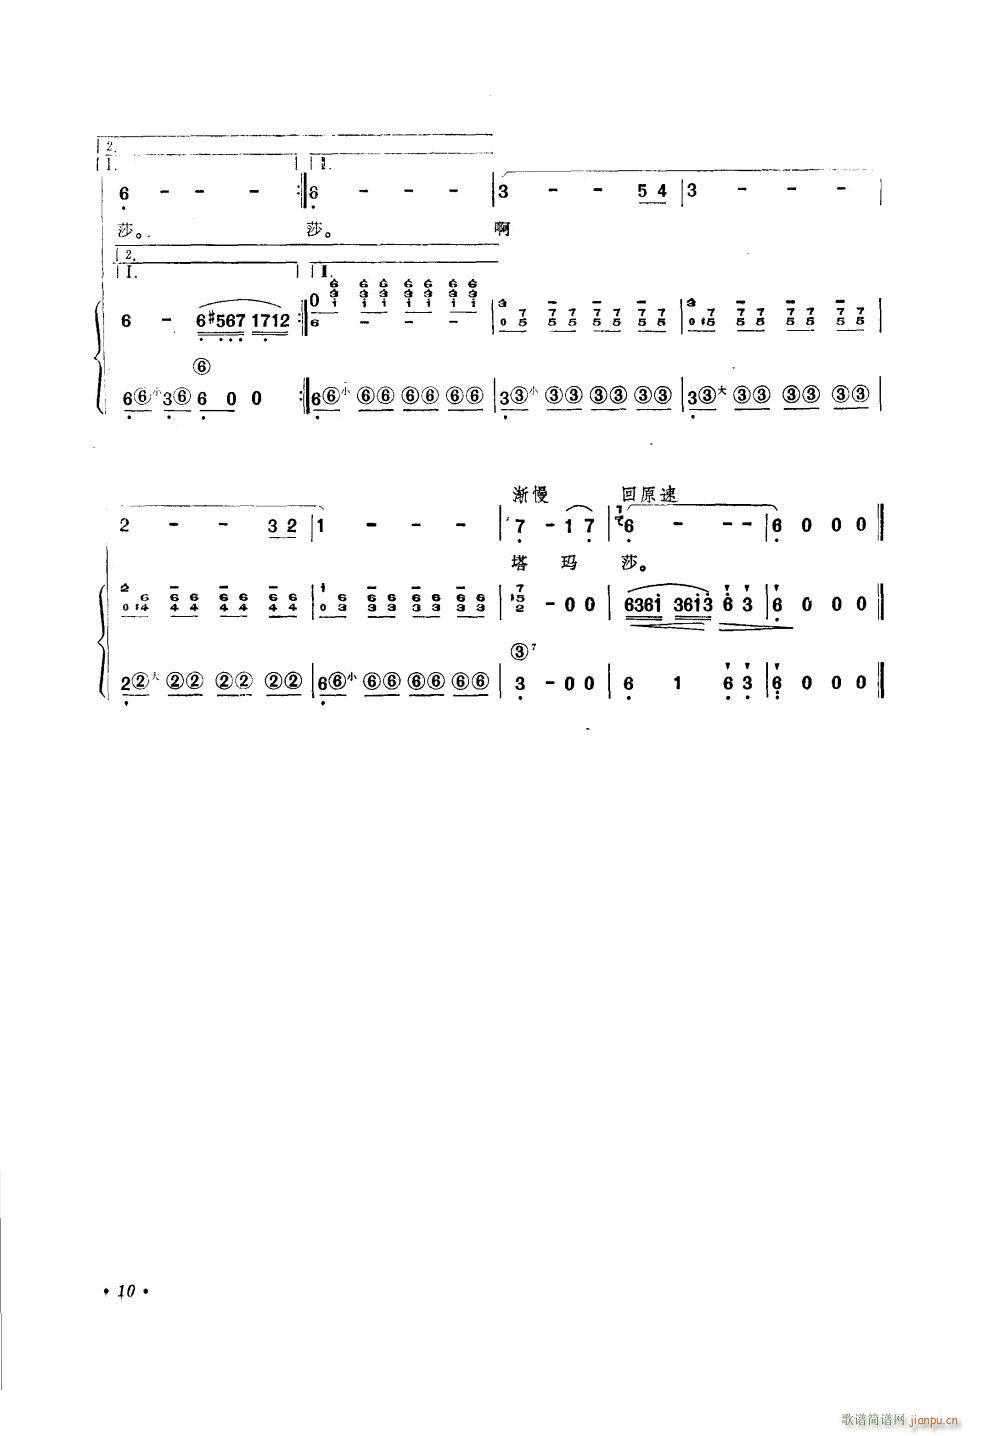 我心上的一朵玫瑰花 手风琴伴奏(手风琴谱)3